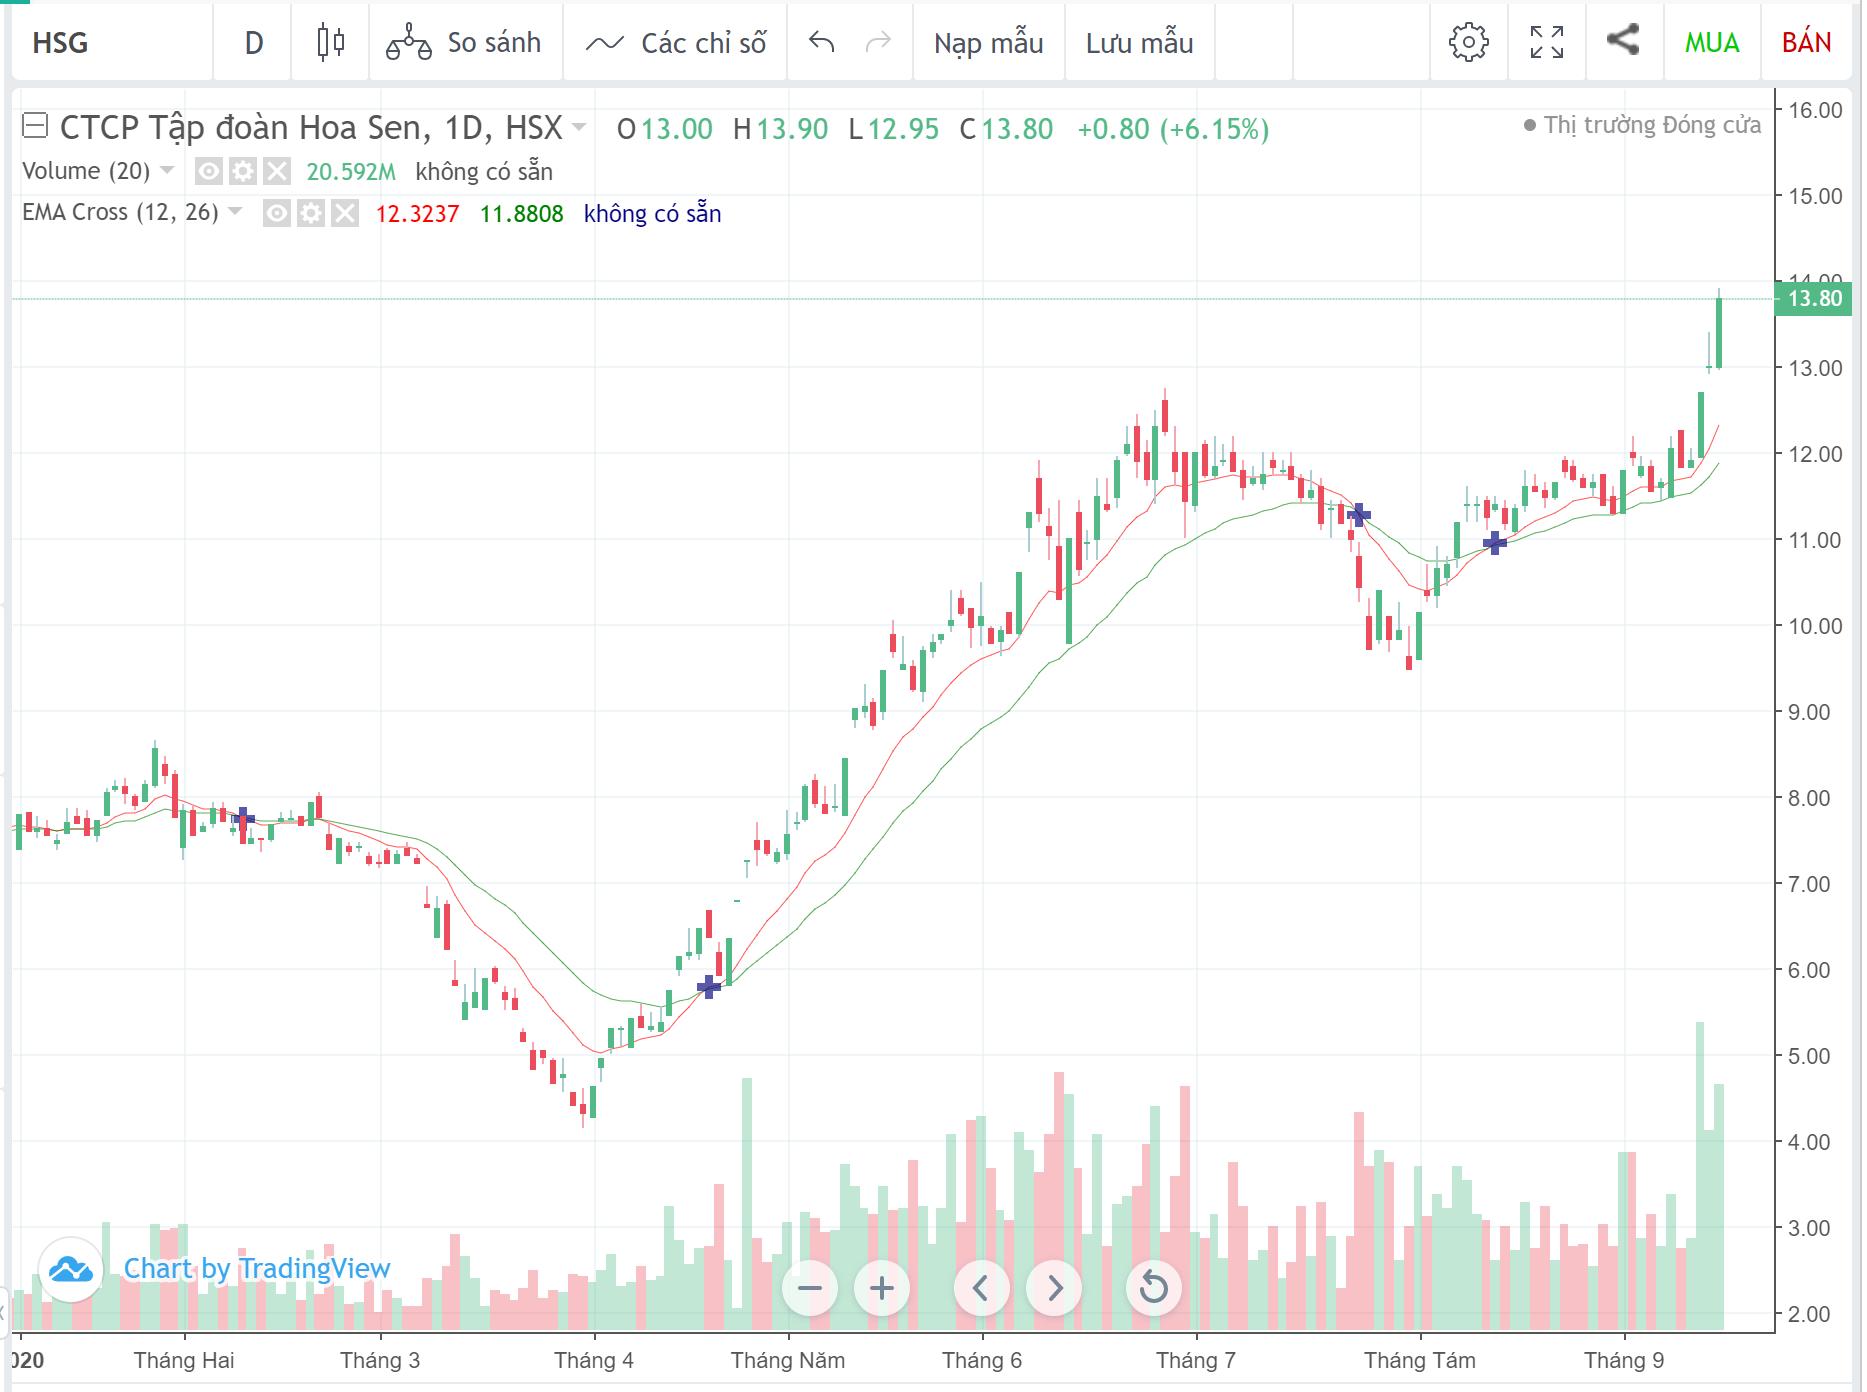 Cổ phiếu tâm điểm ngày 17/9: PVS, HSG, VHM - Ảnh 2.